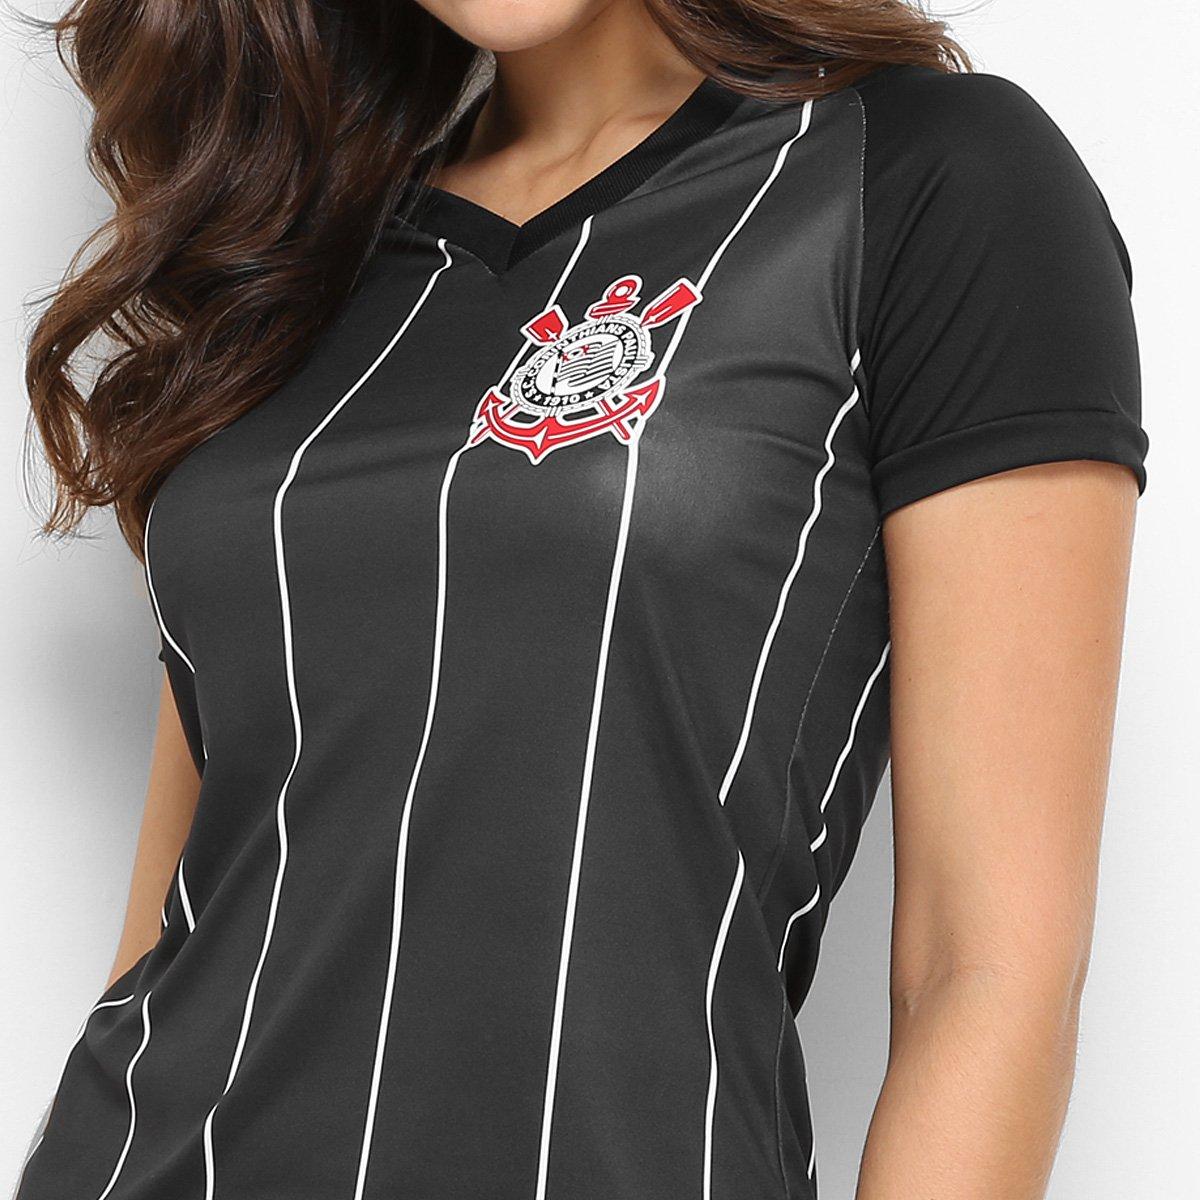 27da3921b4 Camisa Corinthians Fenomenal Edição Especial Feminina - Preto ...